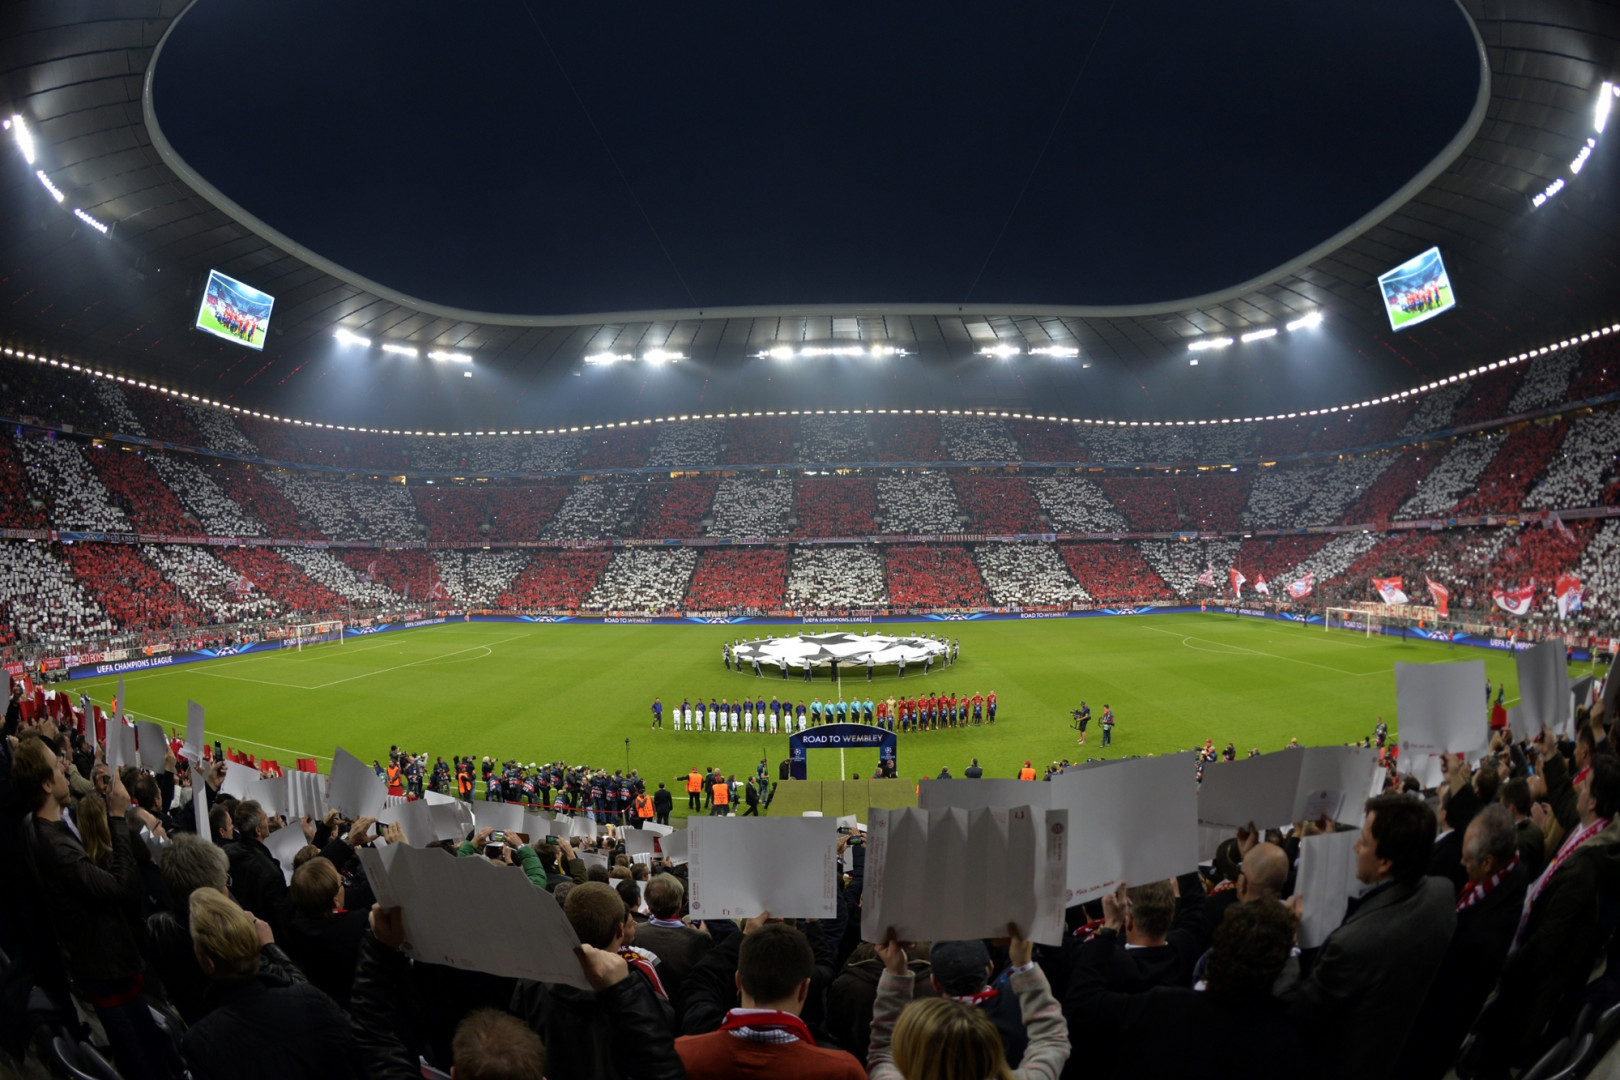 Vue intérieure de l'Allianz Arena de Munich en avril 2013